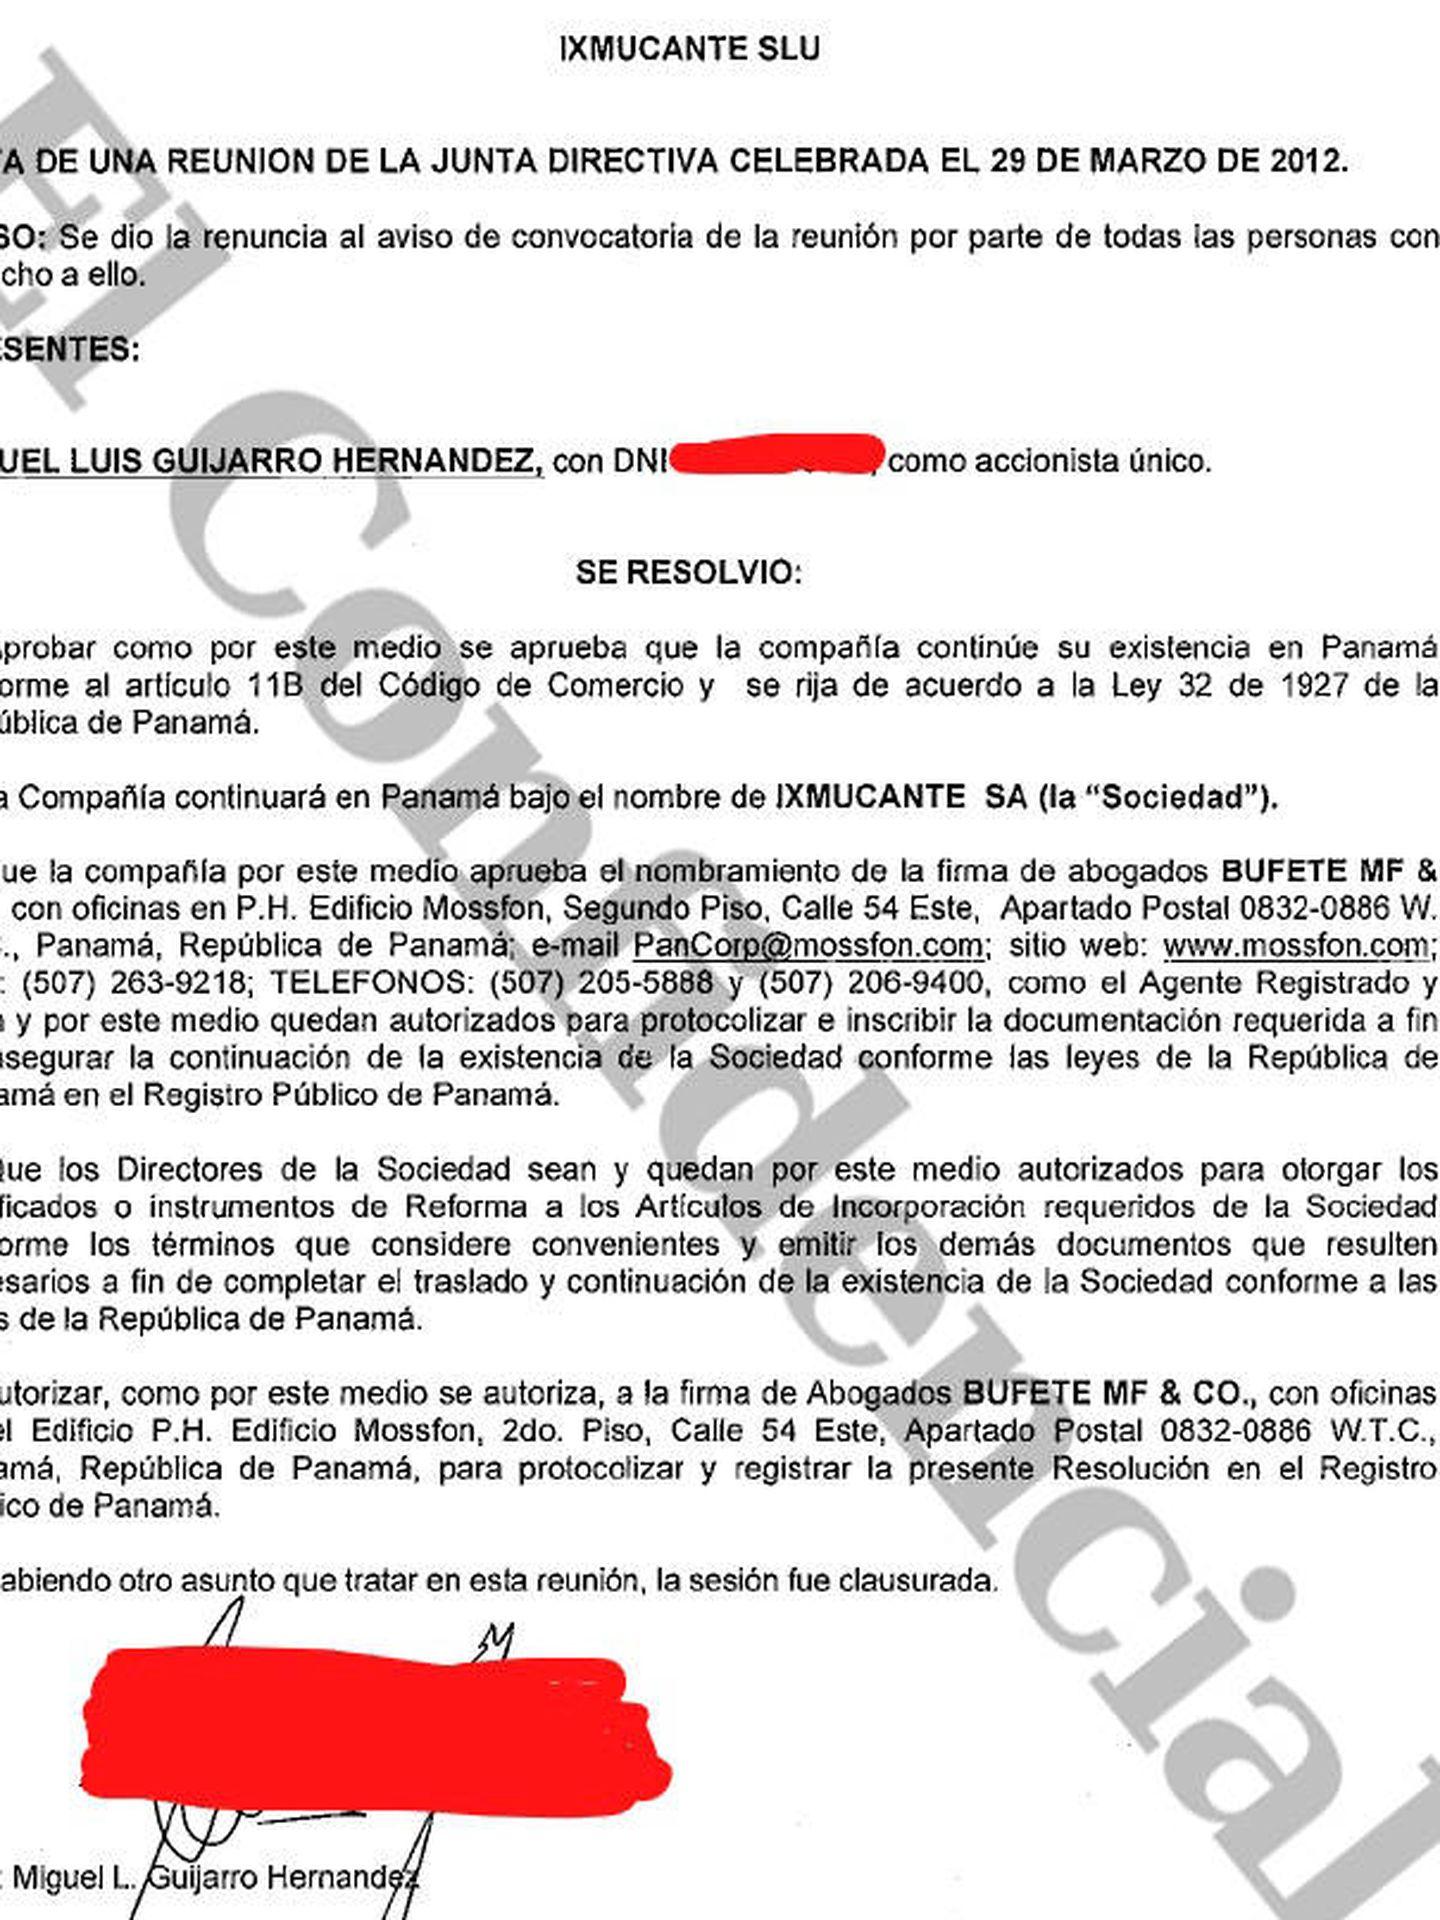 Guijarro fue el accionista único de la panameña Ixmucante.